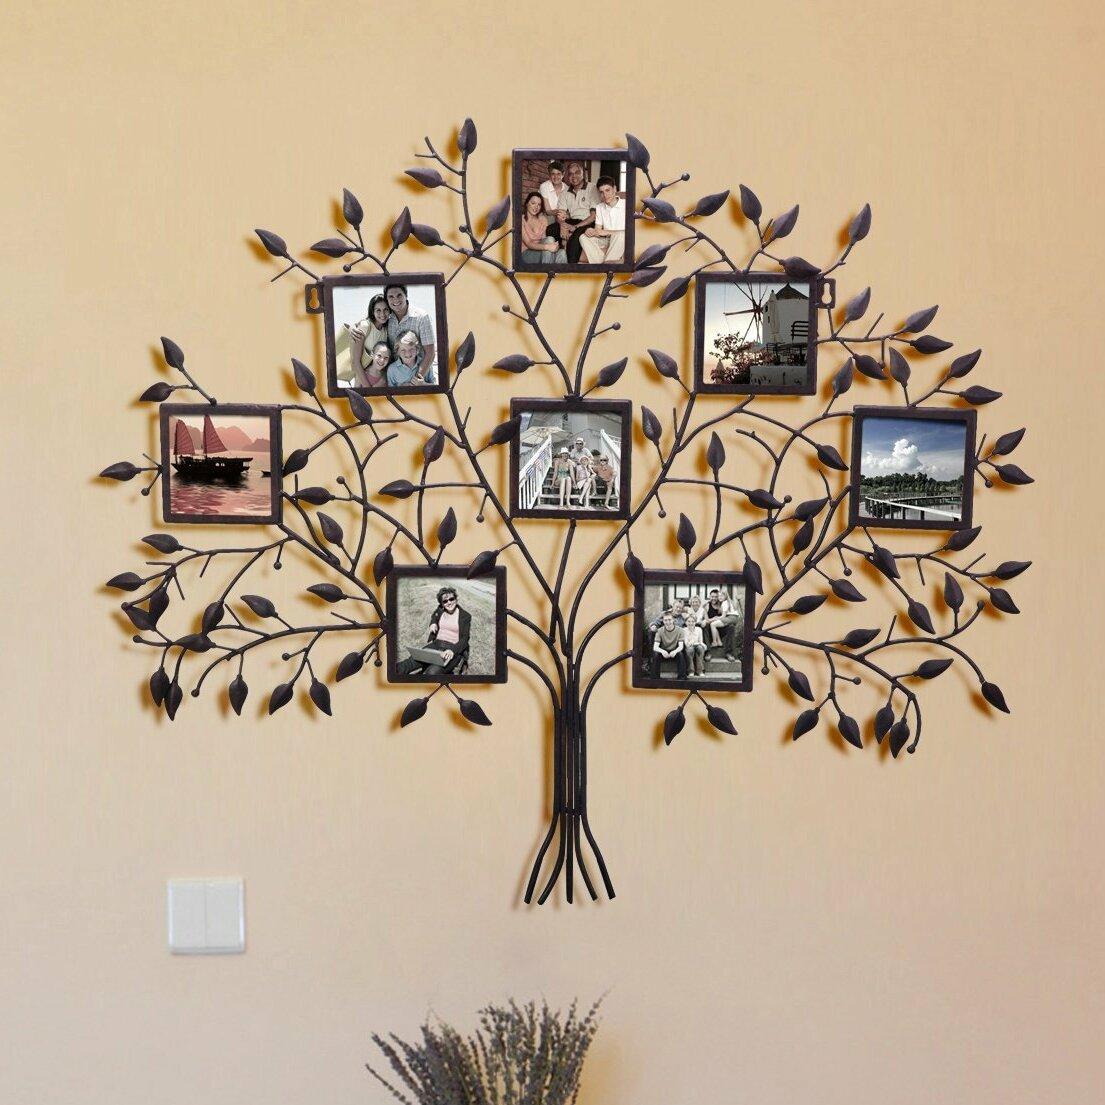 плантации, которой дерево для размещения фотографий просят проверить законность